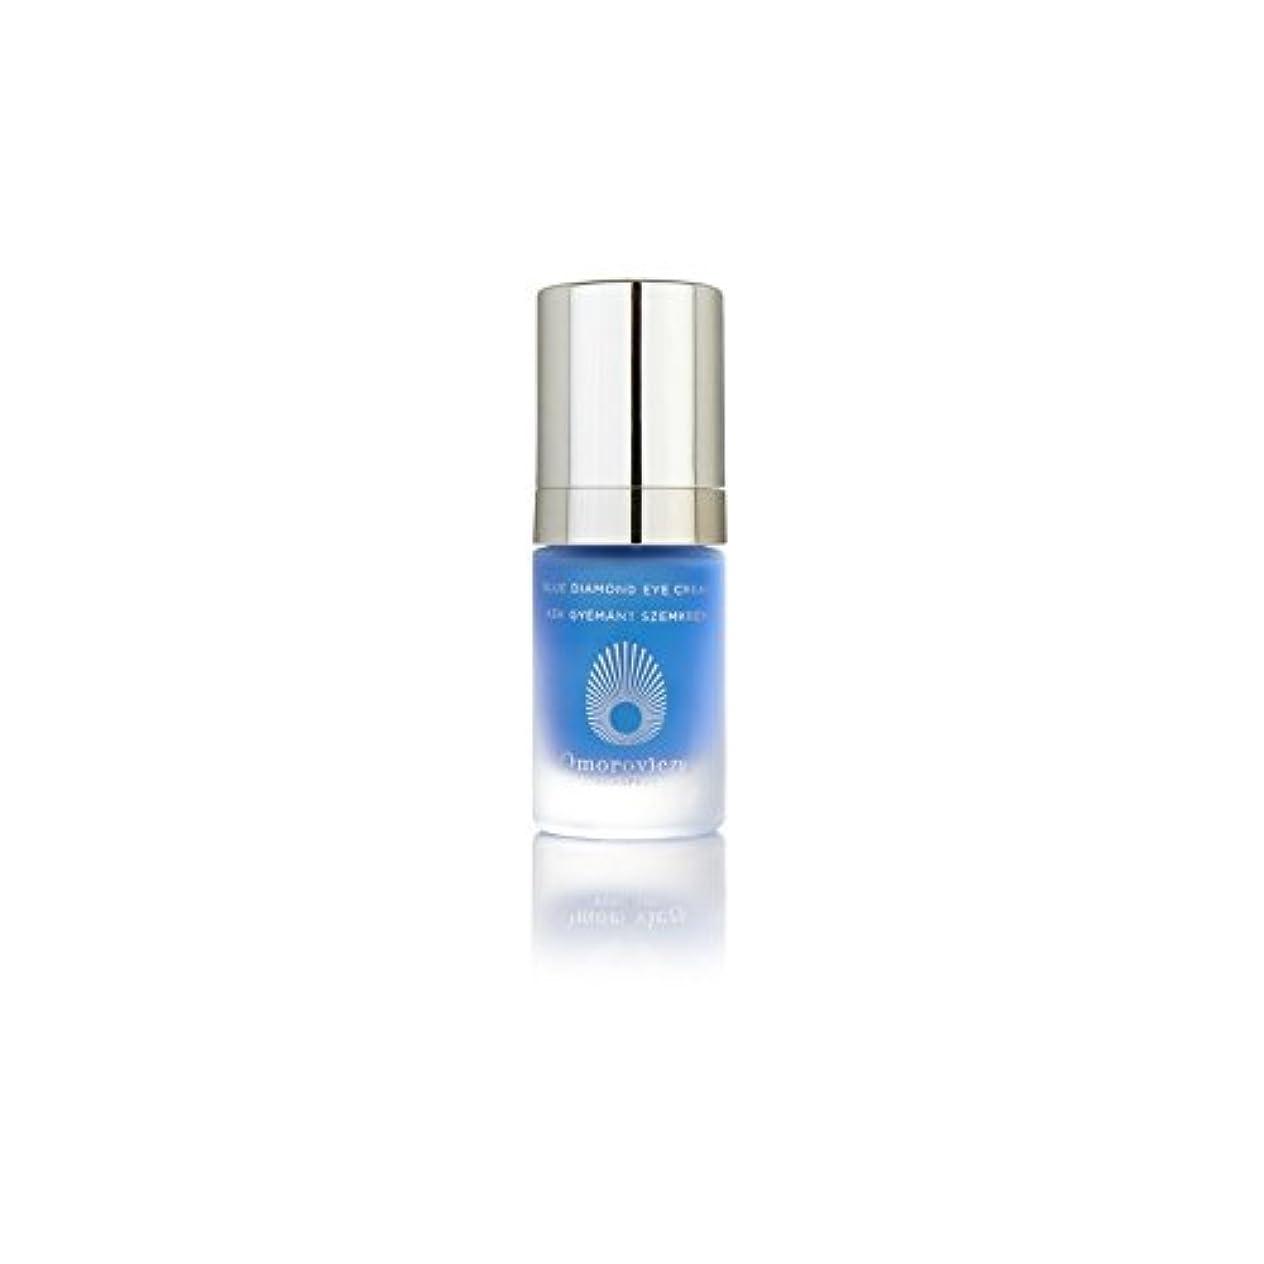 肌寝る摂氏ブルーダイヤモンドアイクリーム(15ミリリットル) x4 - Omorovicza Blue Diamond Eye Cream (15ml) (Pack of 4) [並行輸入品]